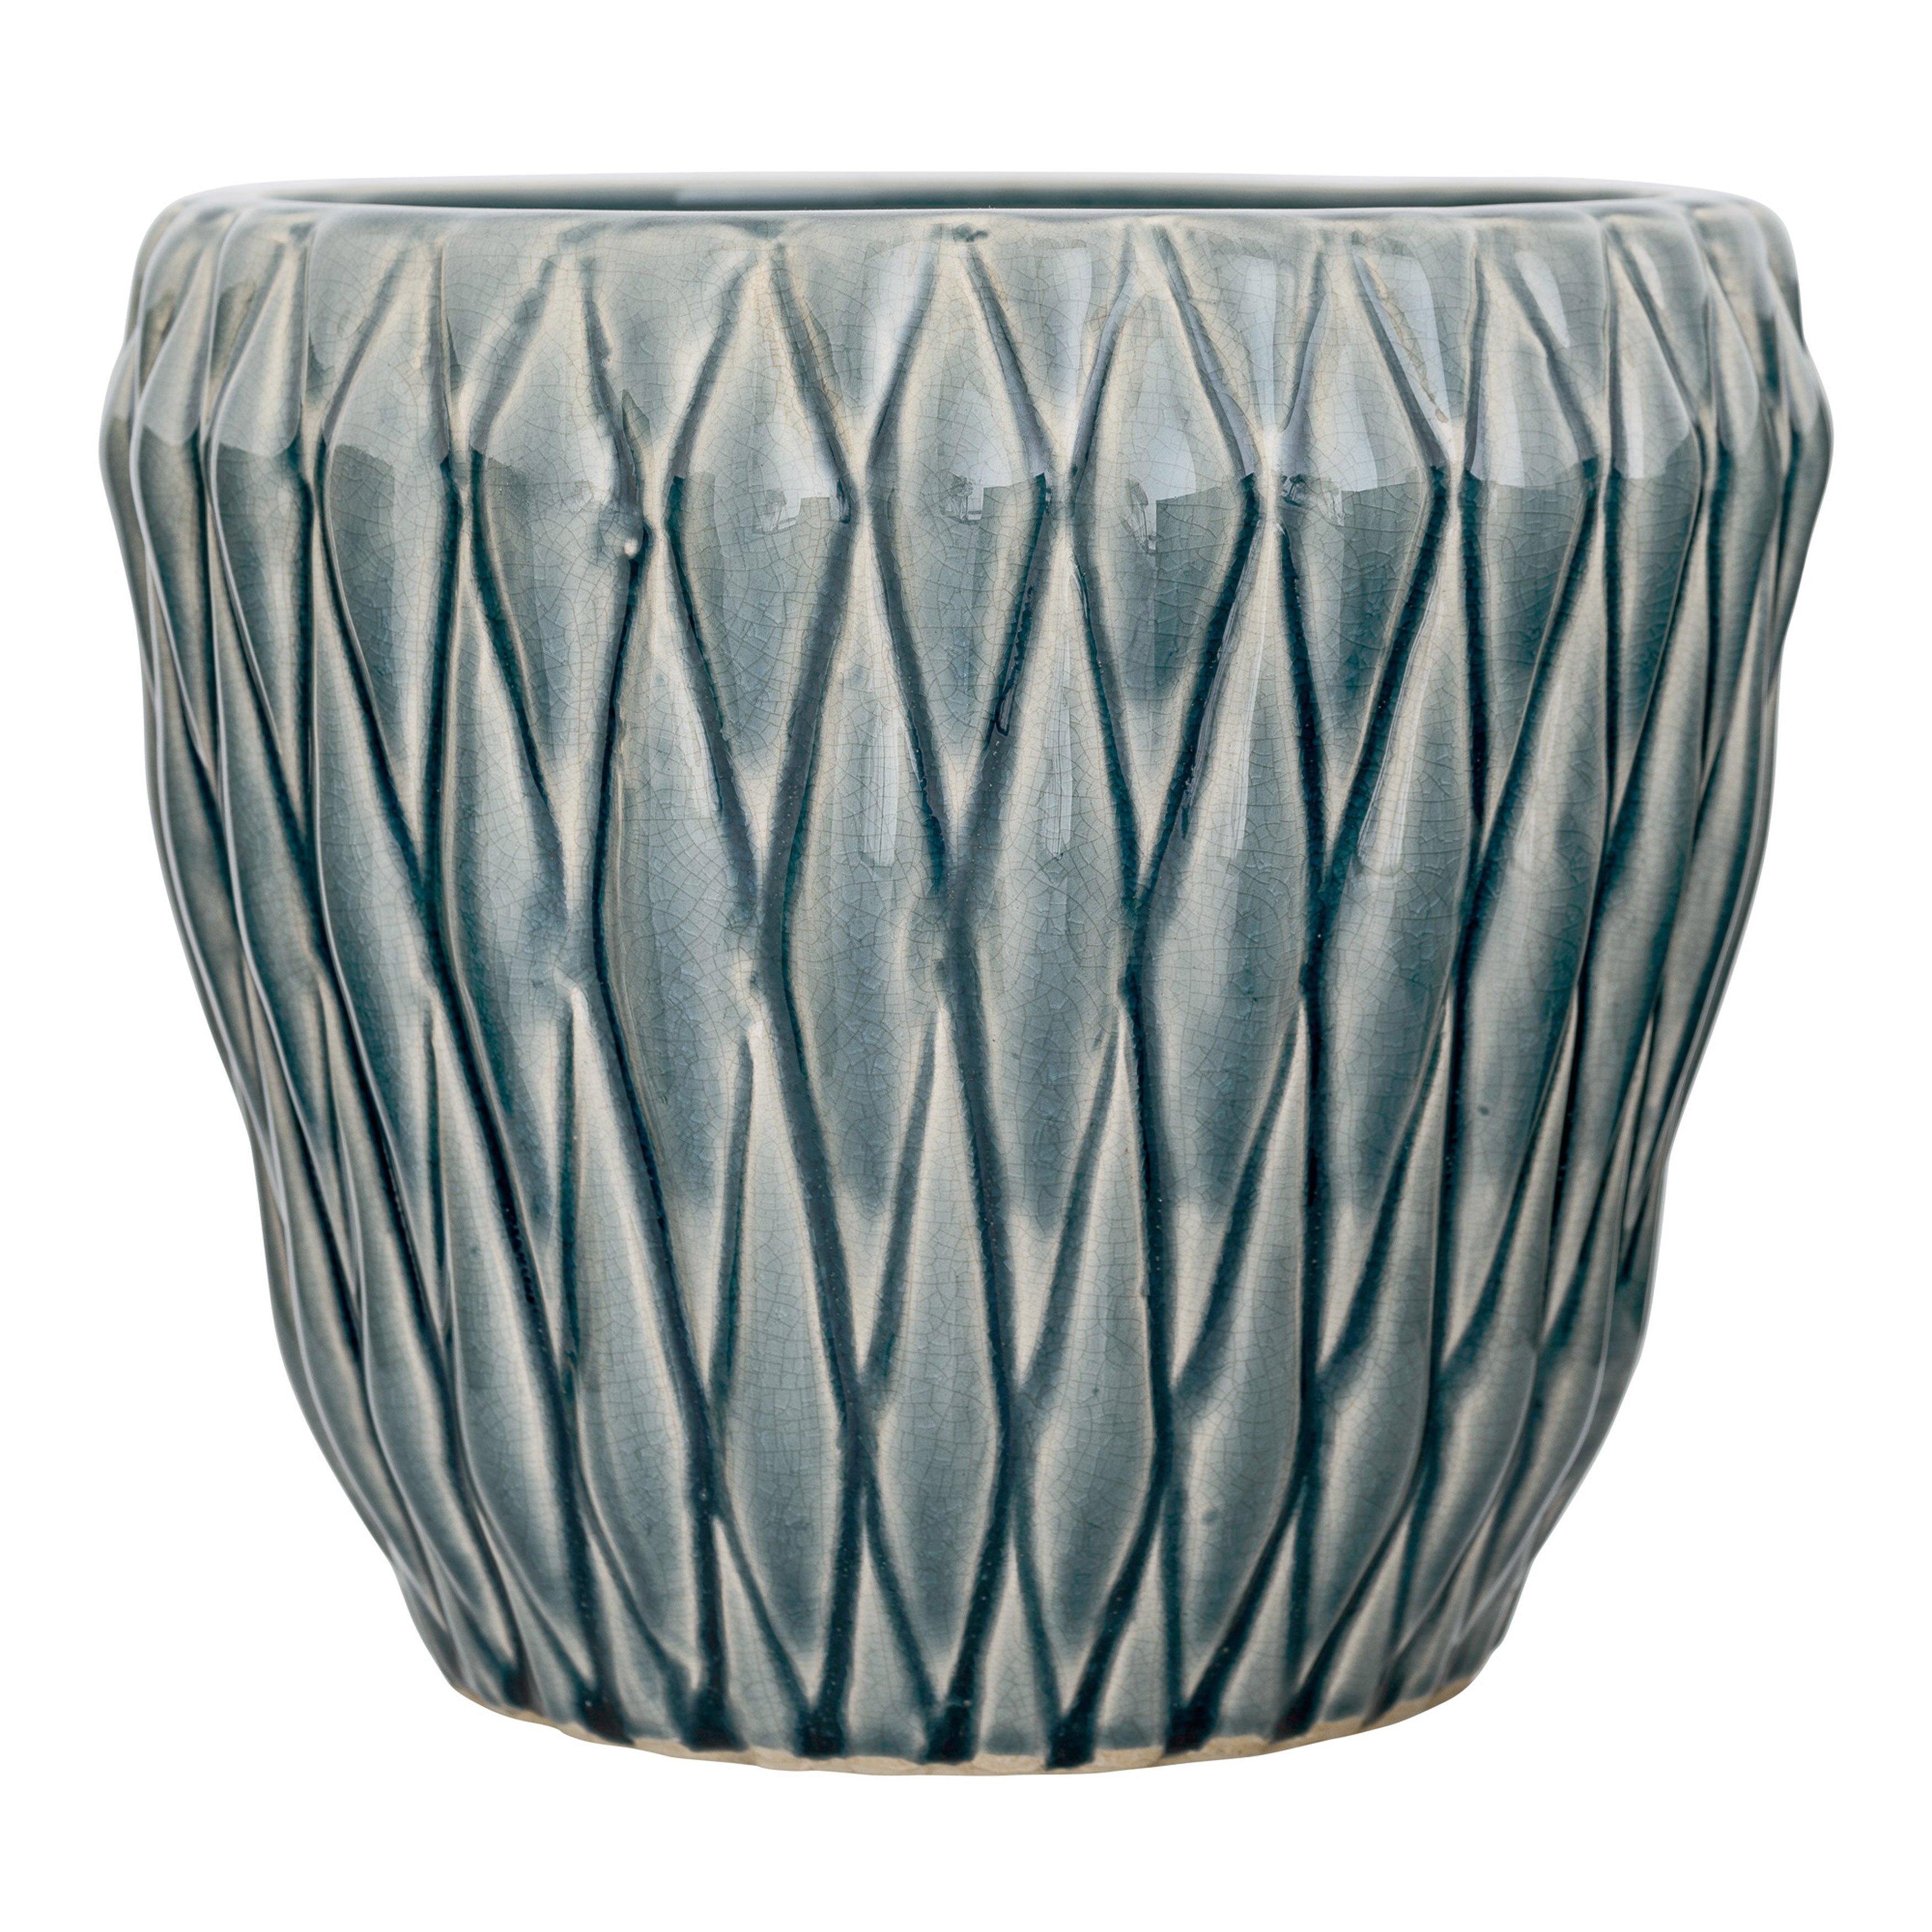 flower plant pots you ll love wayfair outdoor ceramic pot large - Large Ceramic Planters